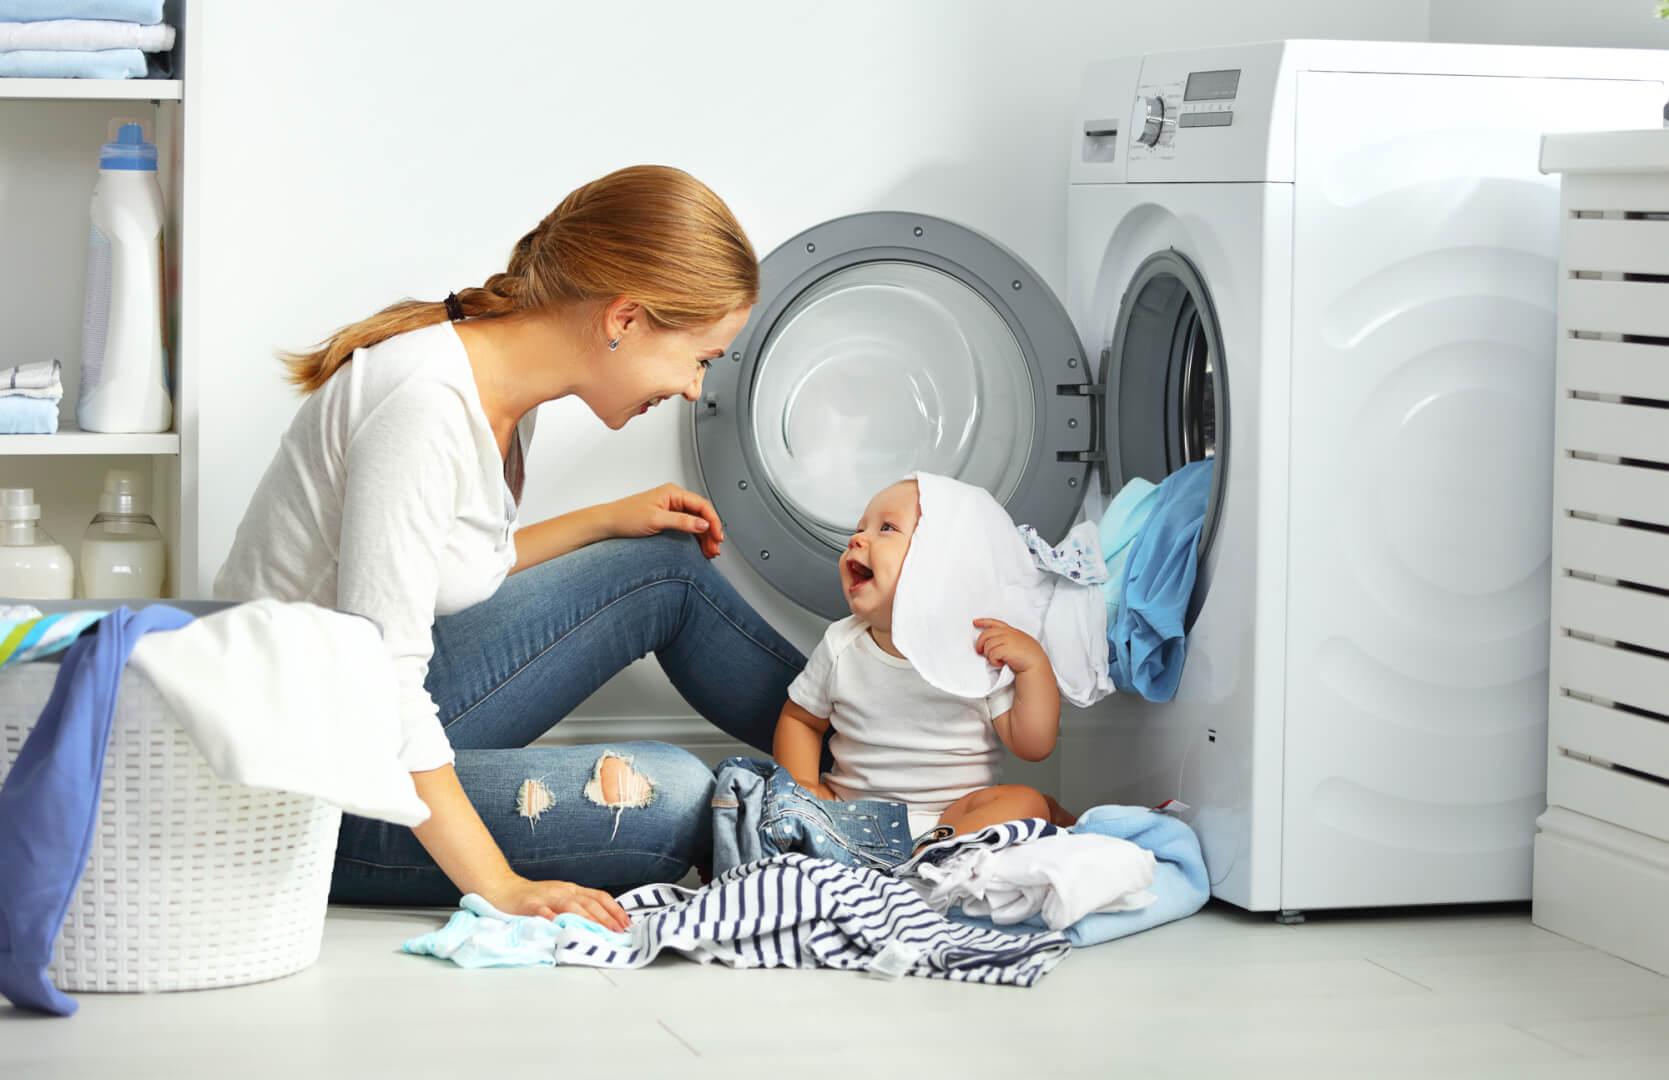 Kvinde vasker tøj